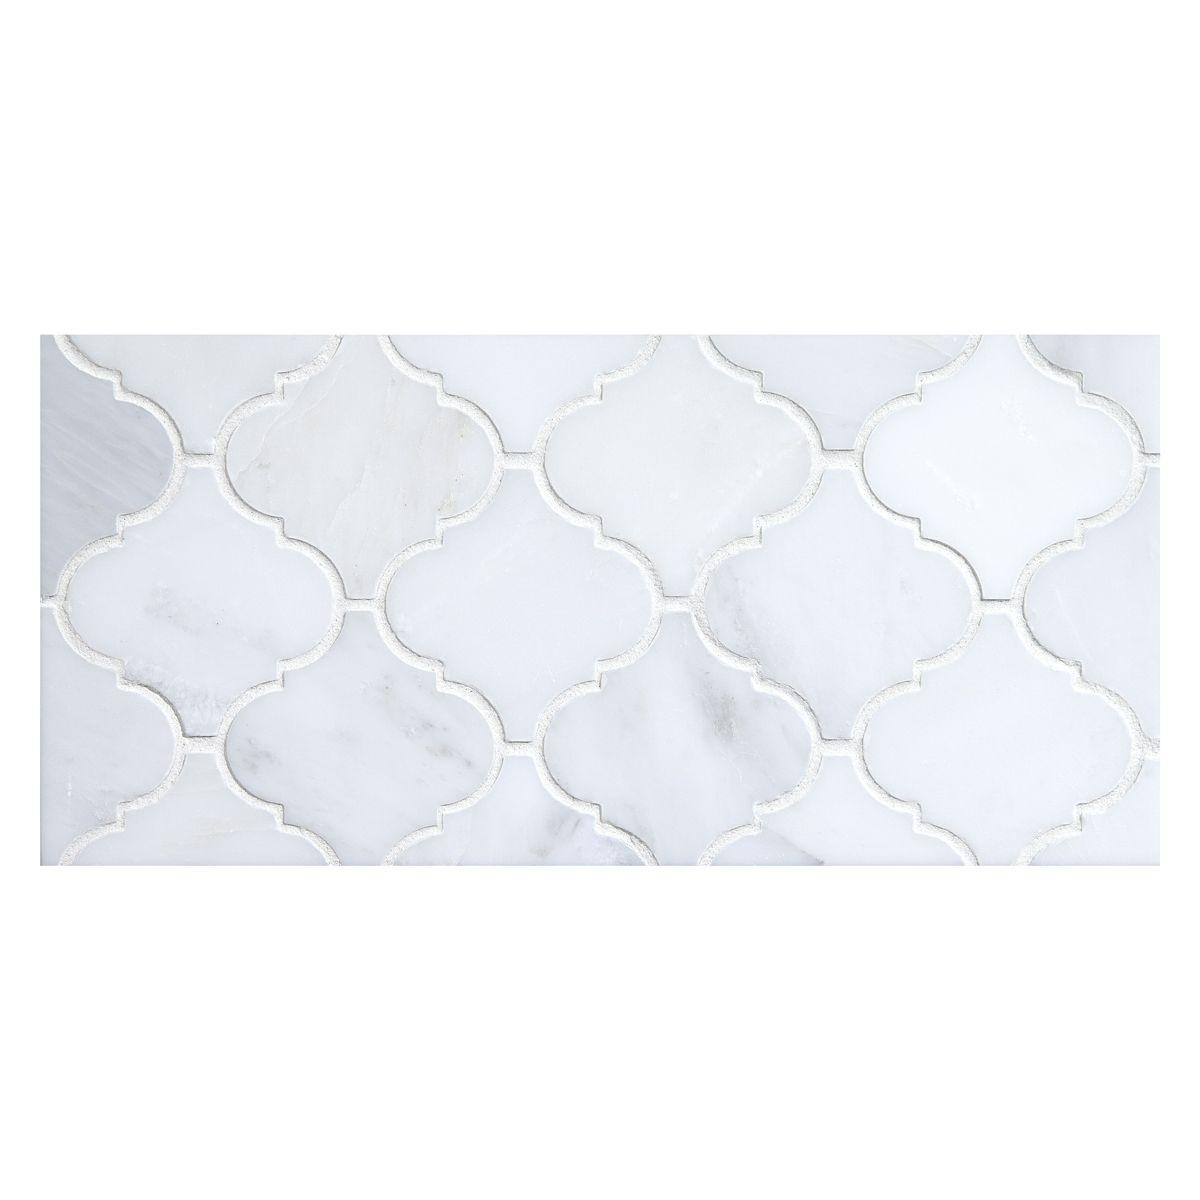 Malovi Mosaic Tile Using White Blossom Polished Marble